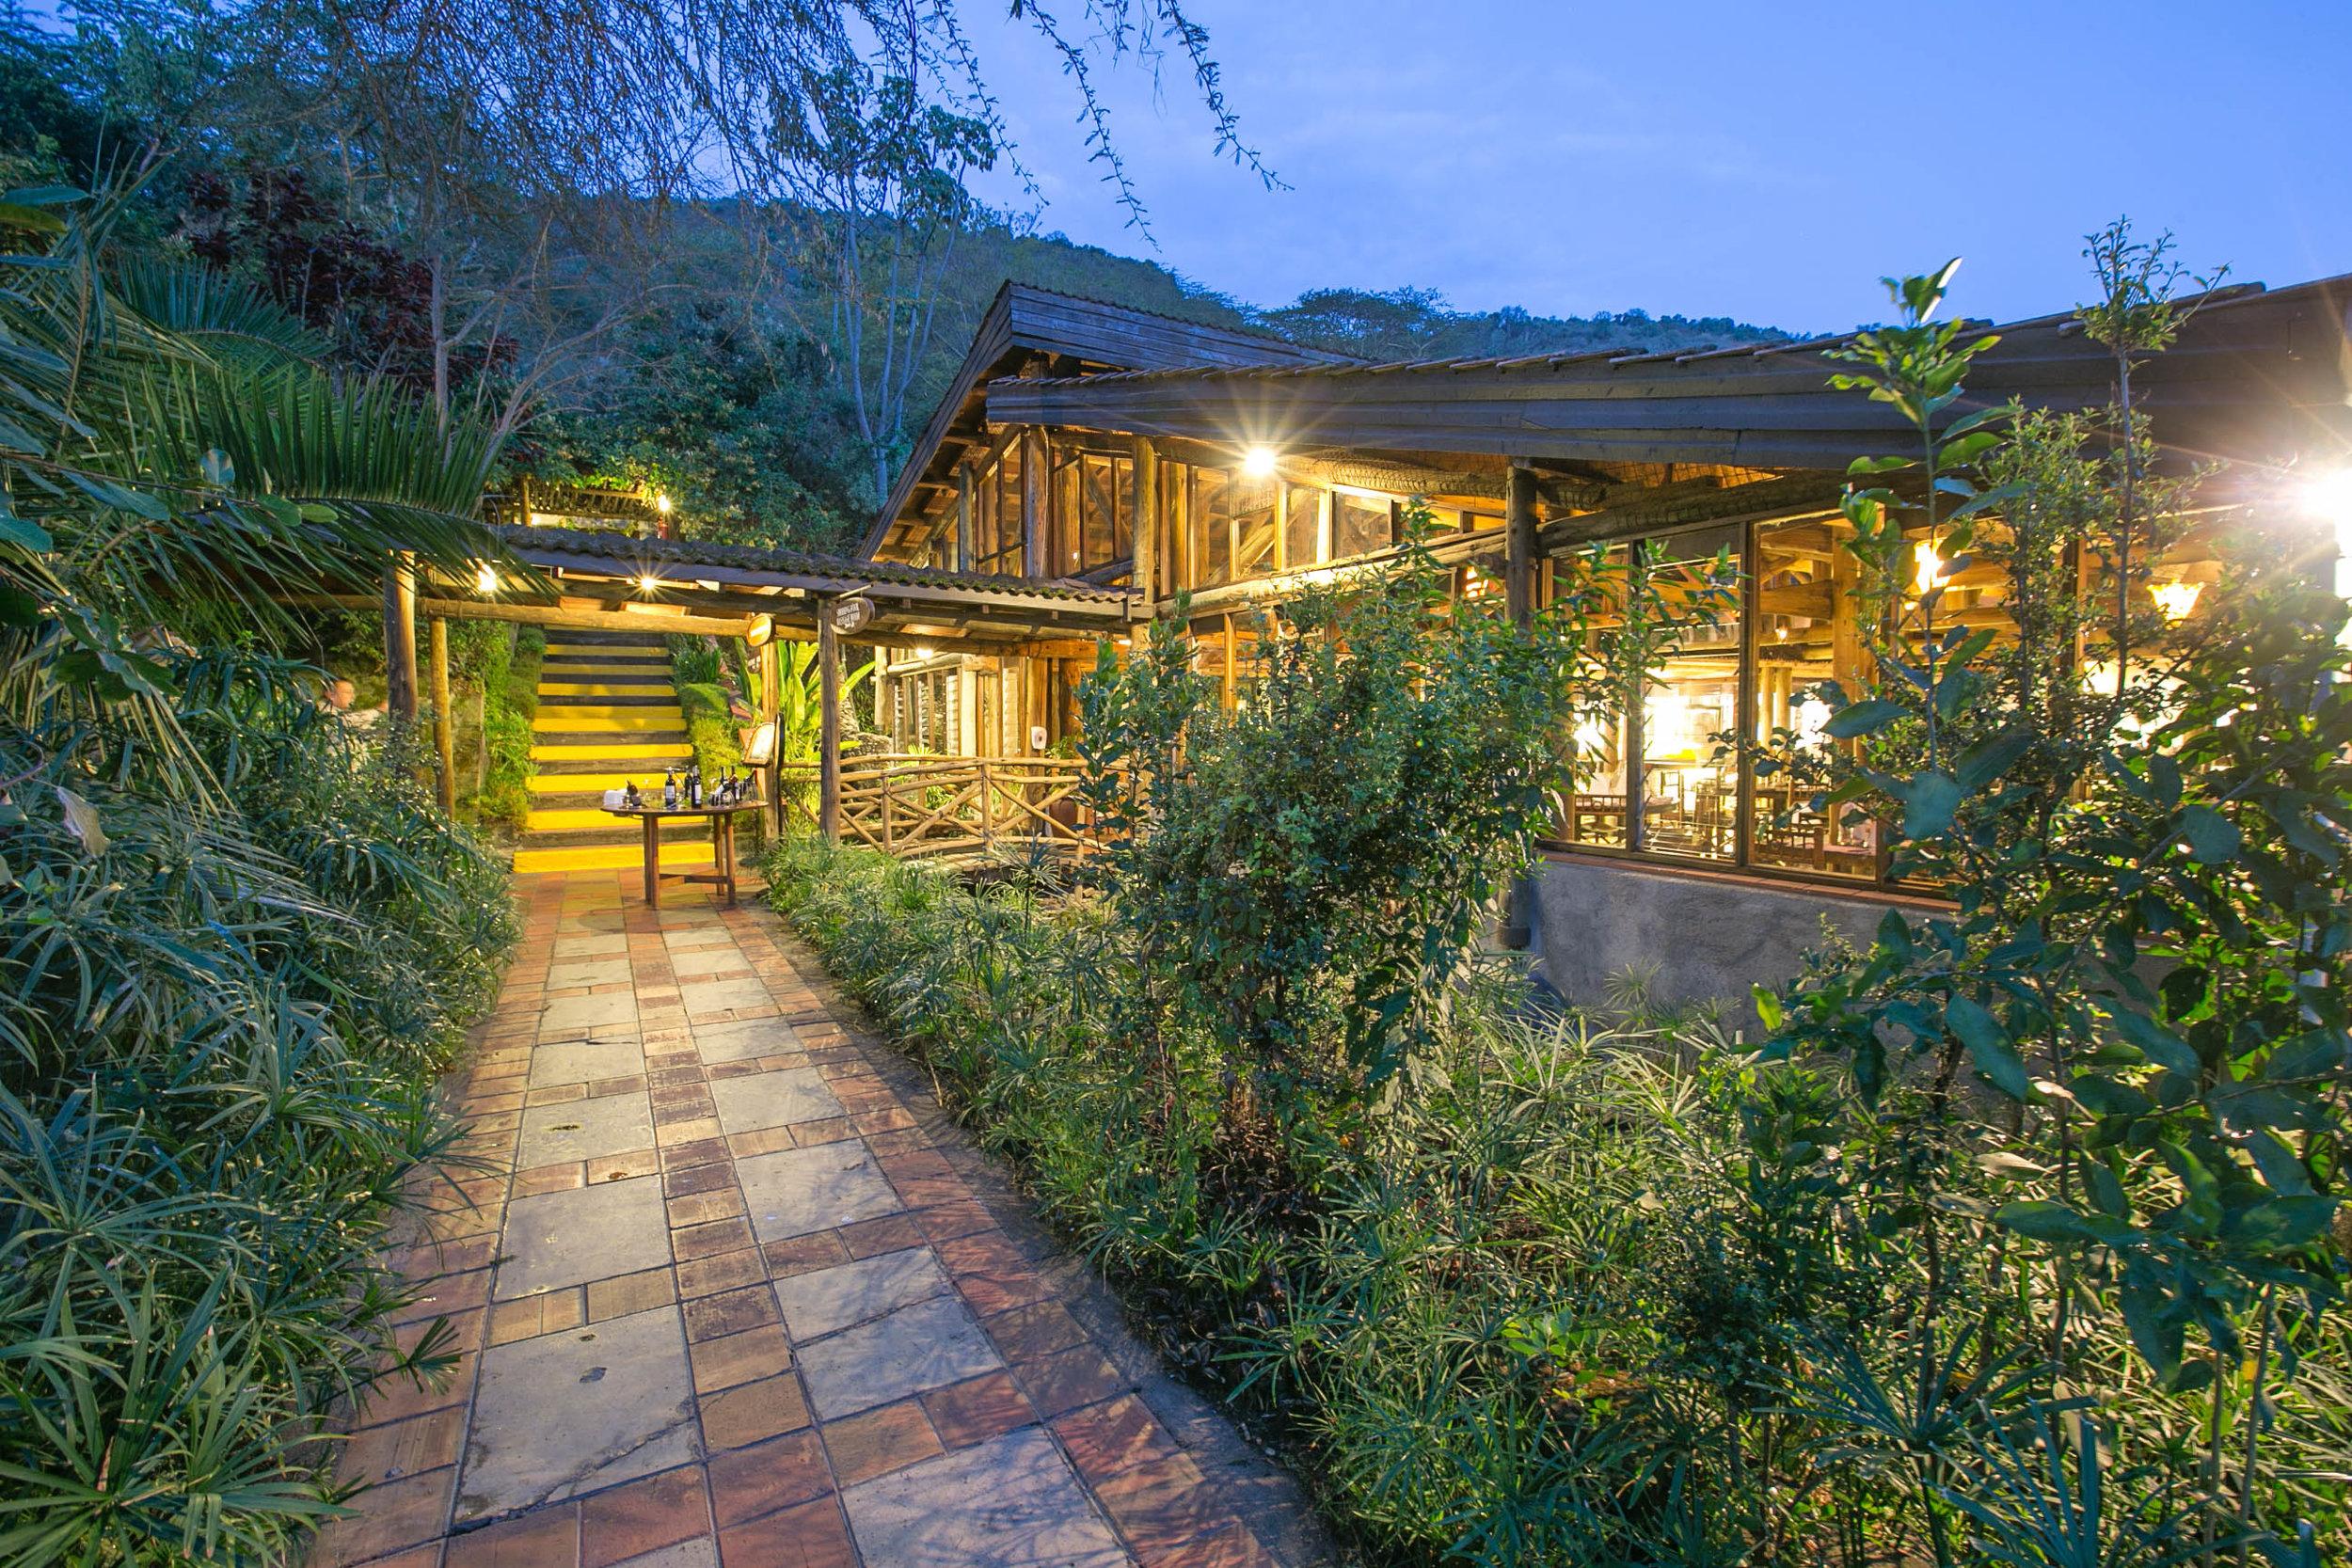 Day 4 - Depart to Sarova Lion Hill Game Lodge, Lake Nakuru National Park